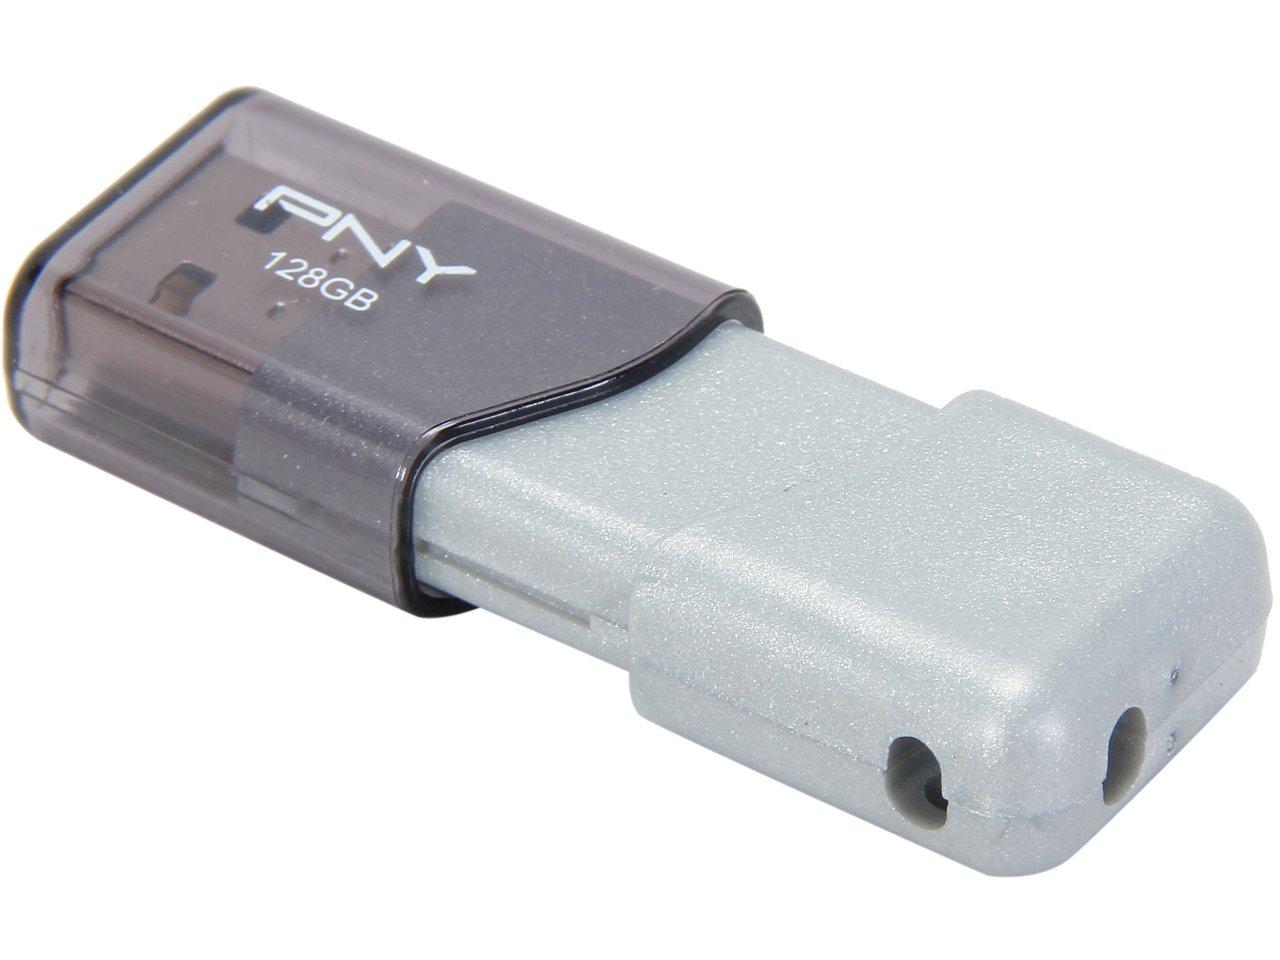 128GB PNY Turbo USB 3.0 Flash Drive  $35 + Free Shipping